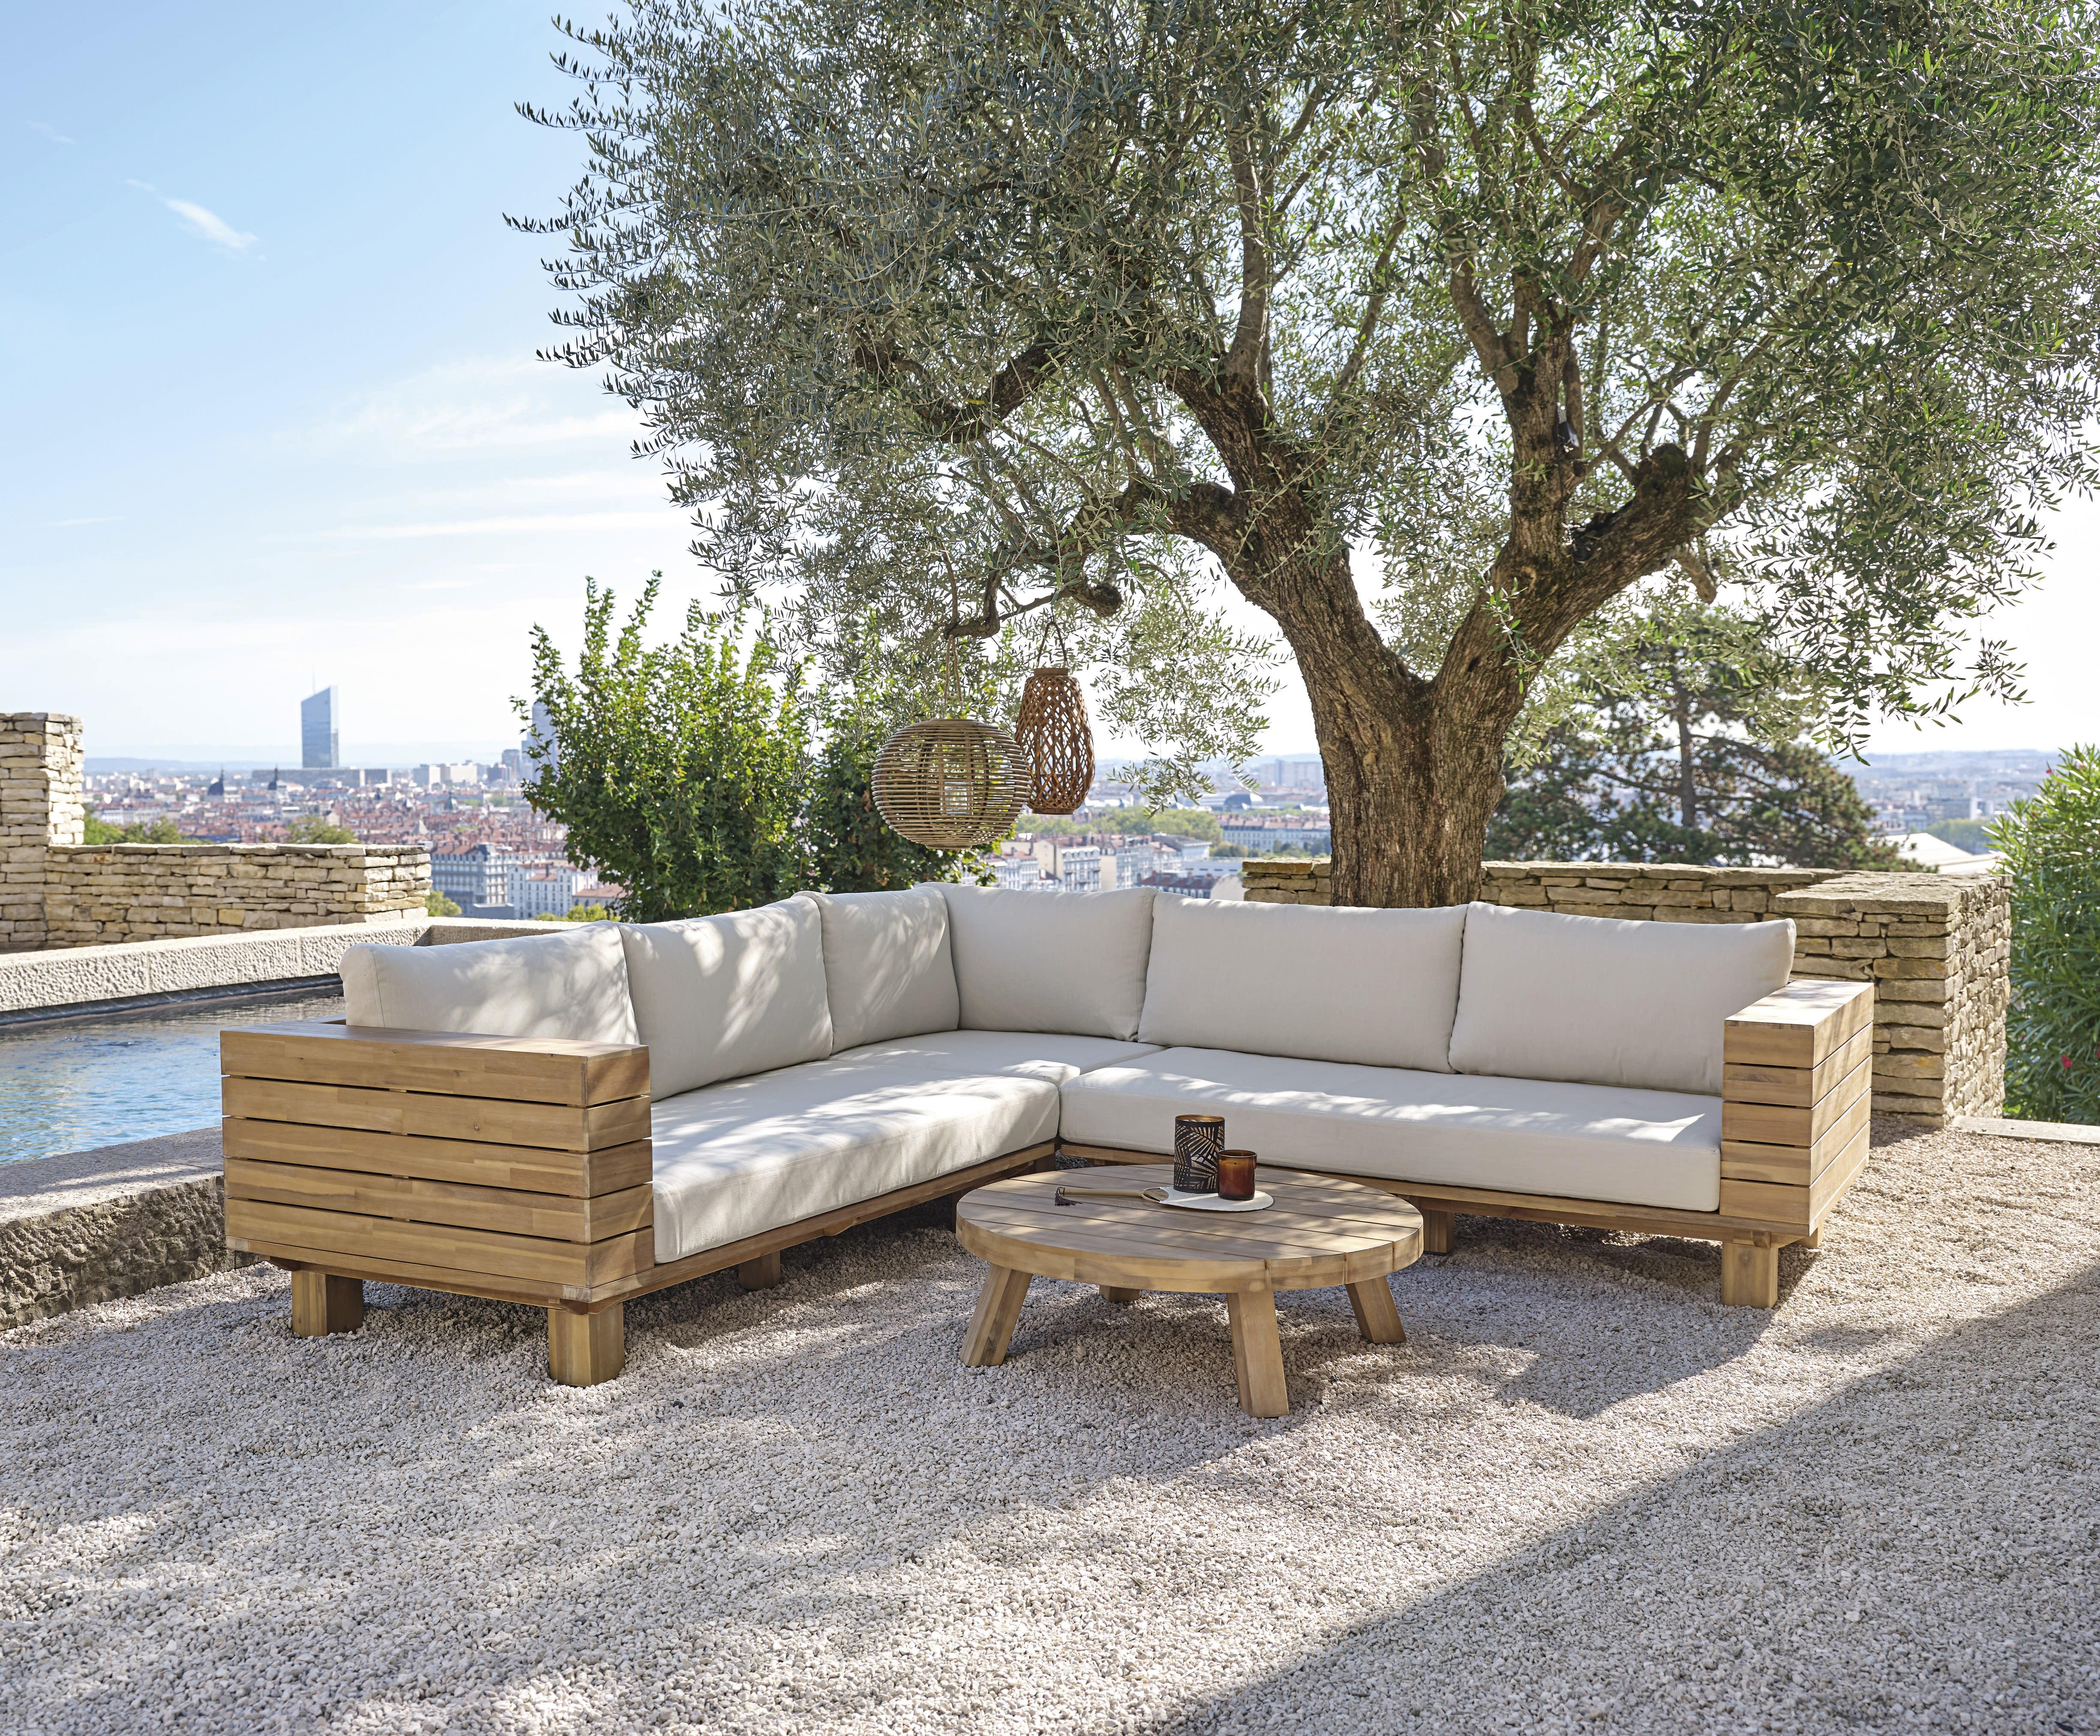 Terrasse mit Pool gestalten 20 Ideen   Maisons du Monde